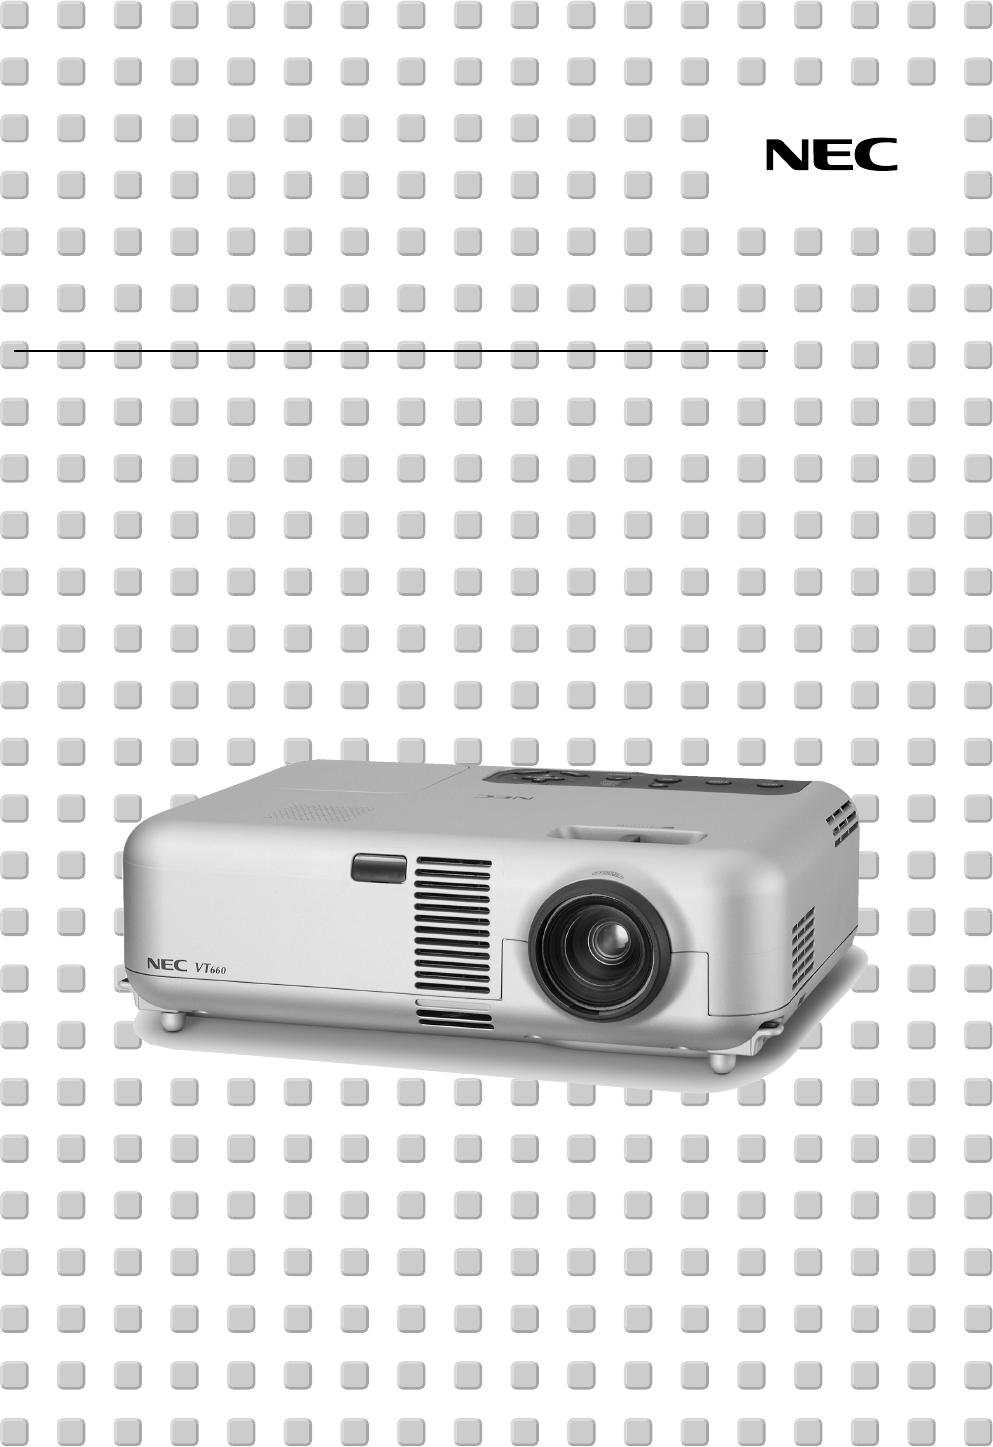 nec projector vt460 user guide manualsonline com rh office manualsonline com NEC Dterm 80 Manual Manual III NEC Series Dterm 16305003B